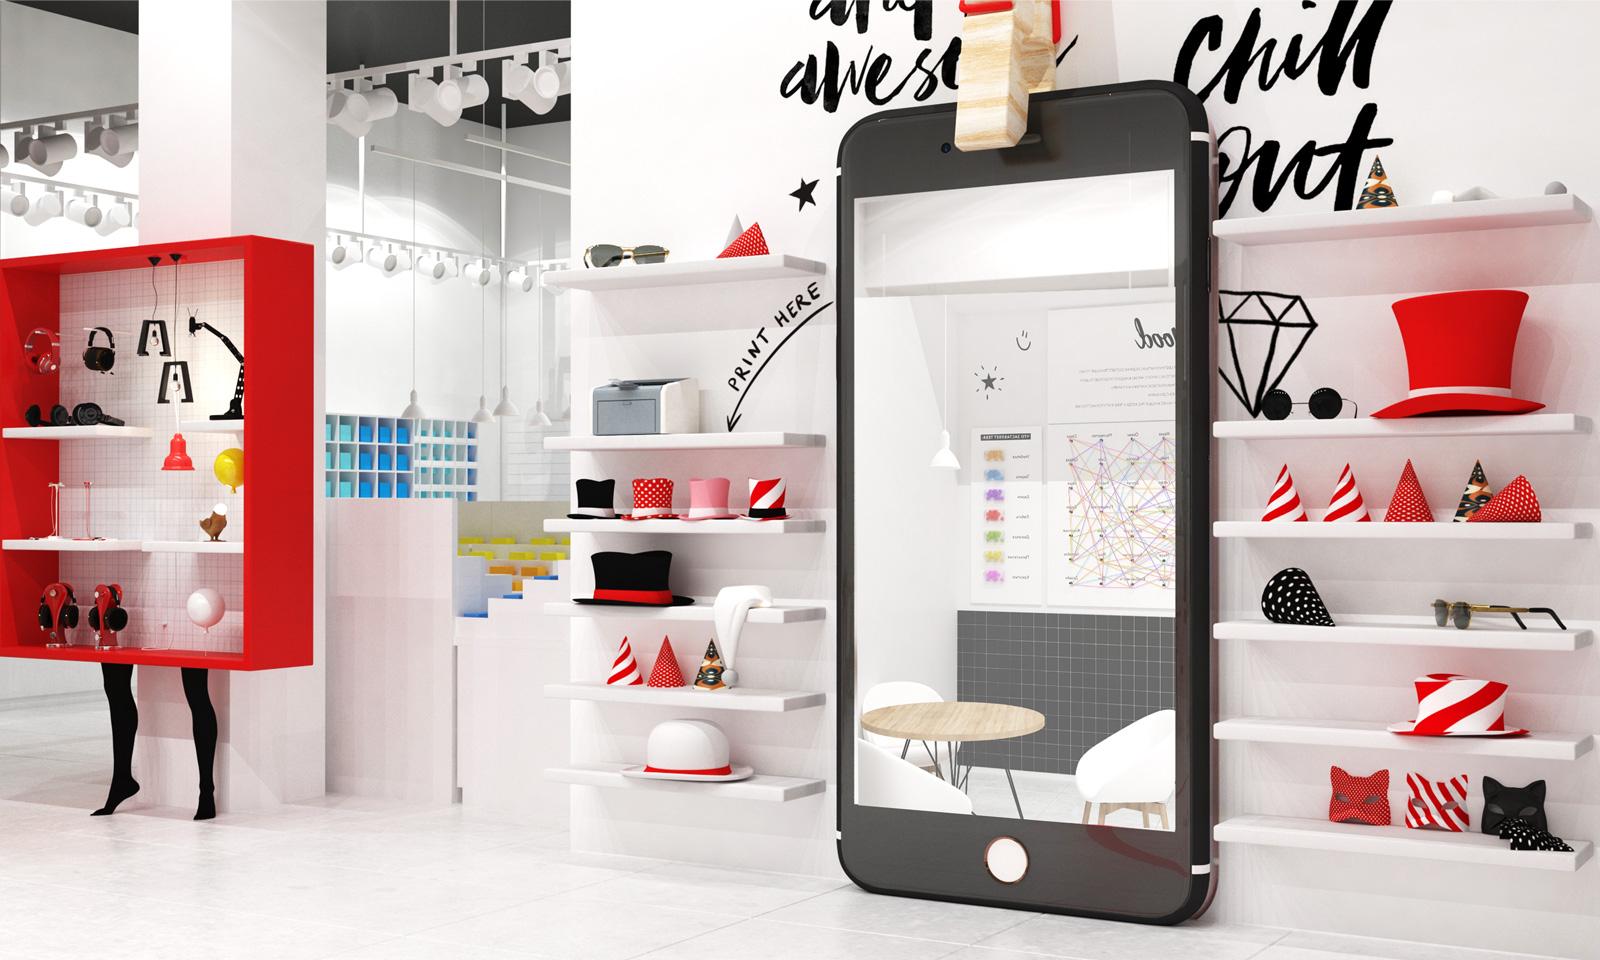 Уникальные арт-объекты —неотъемлемая составляющая дизайна интерьера магазина Modi